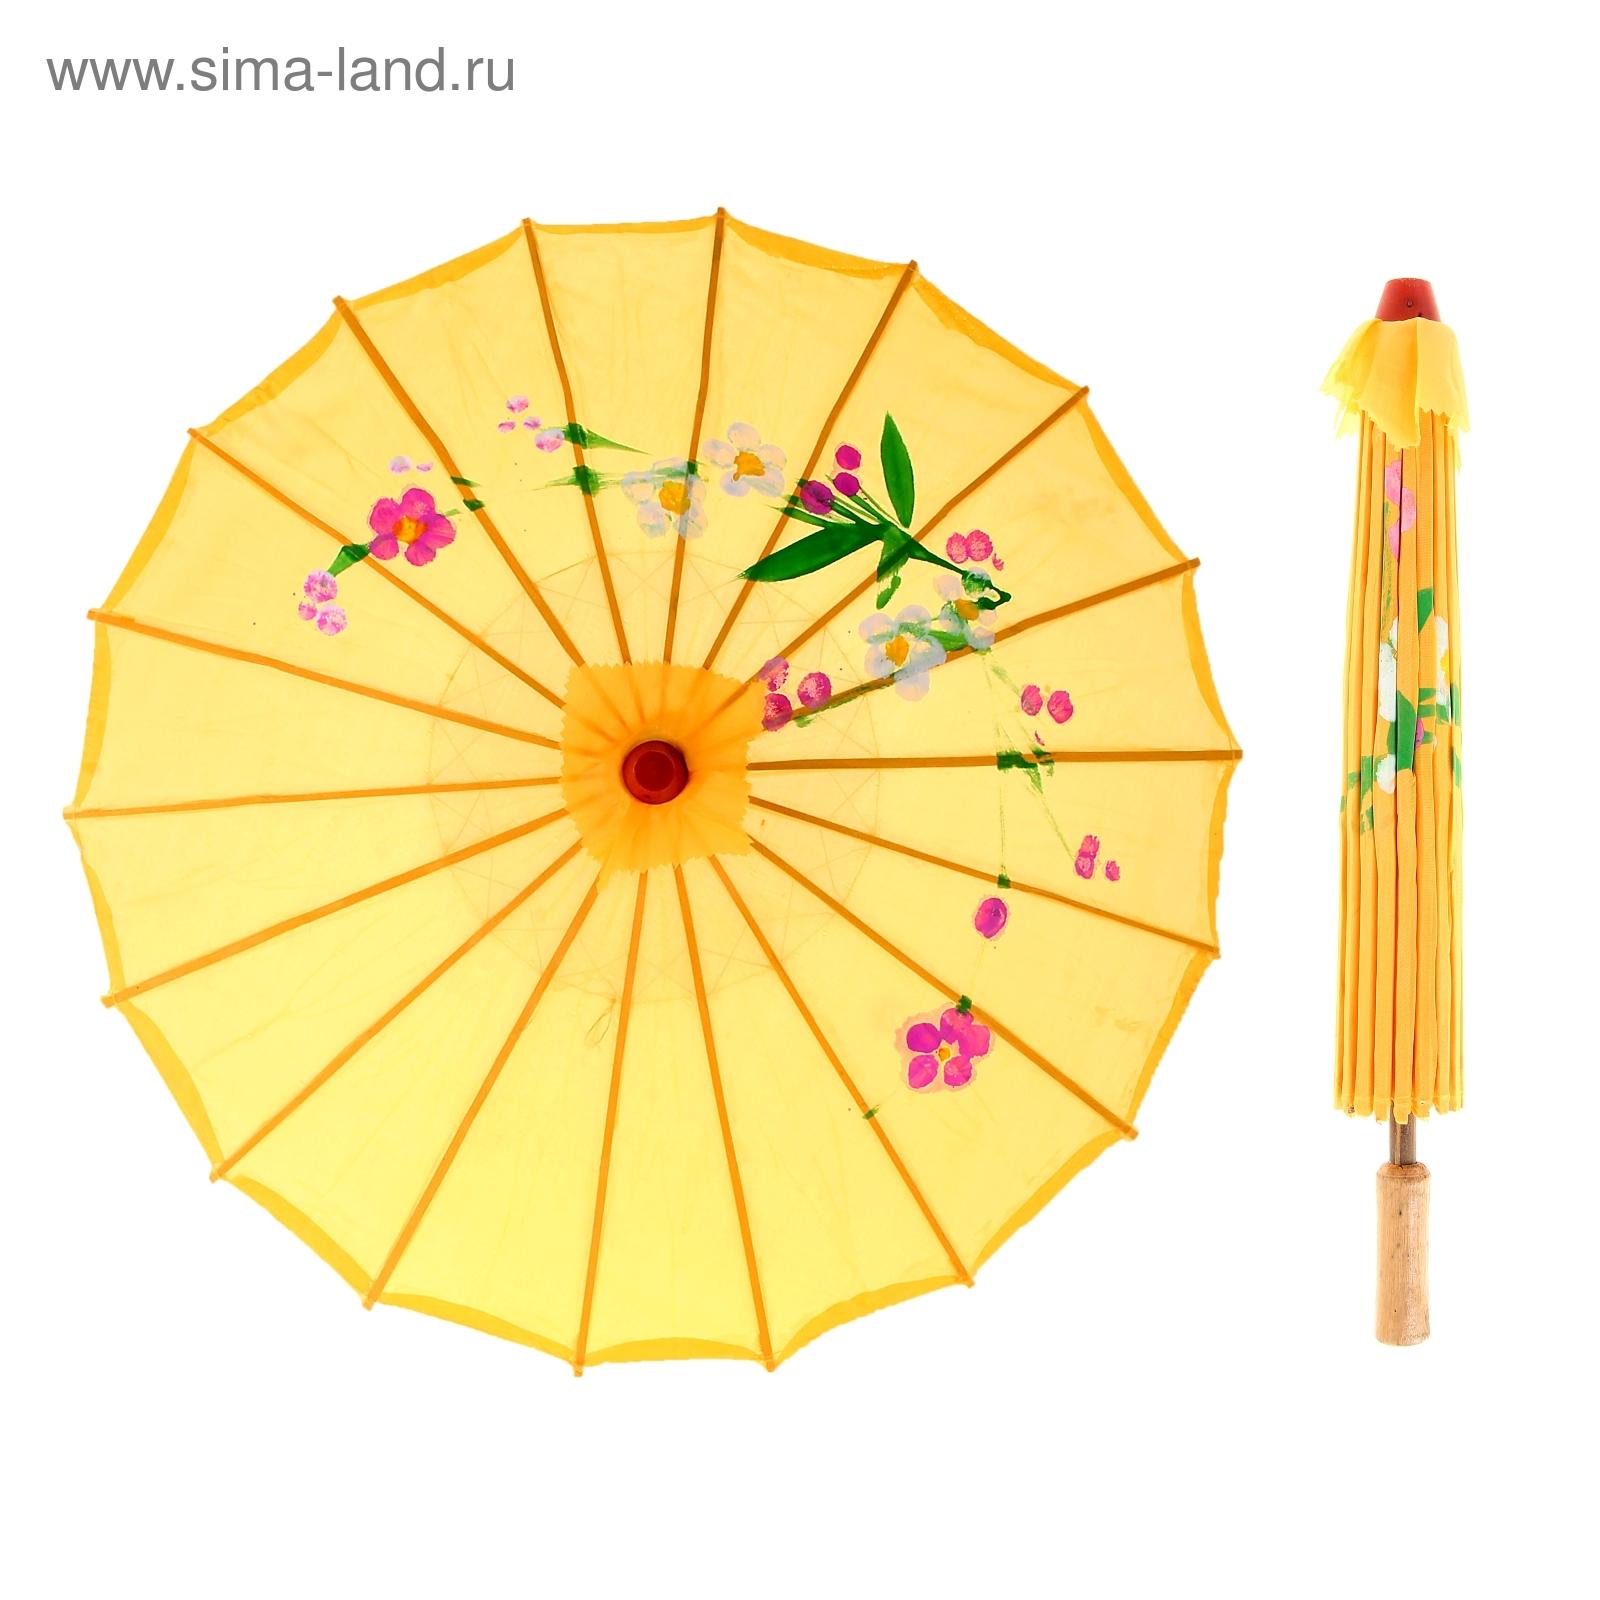 Китайский зонтик, цвет оранжевый (180716) - Купить по цене от 148.12 ... 7f9729a11f2